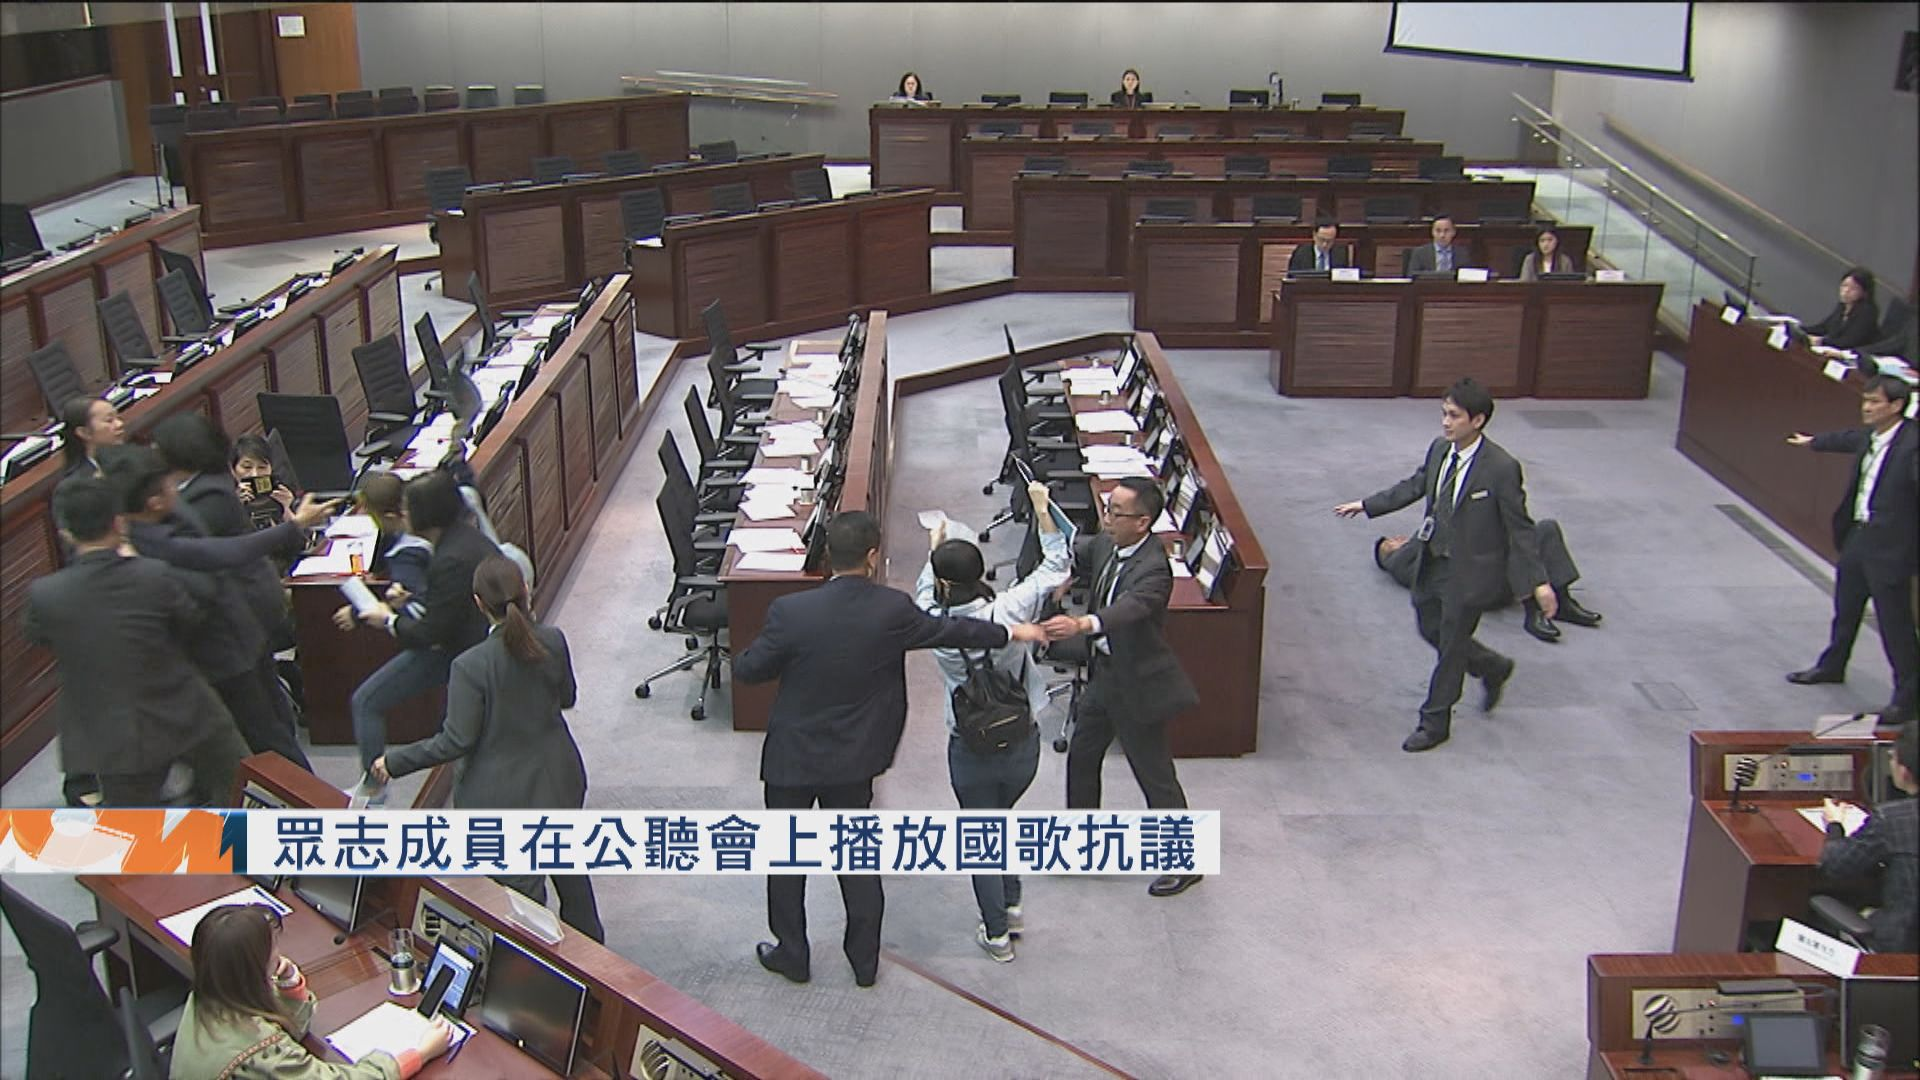 眾志成員在公聽會上播放國歌抗議